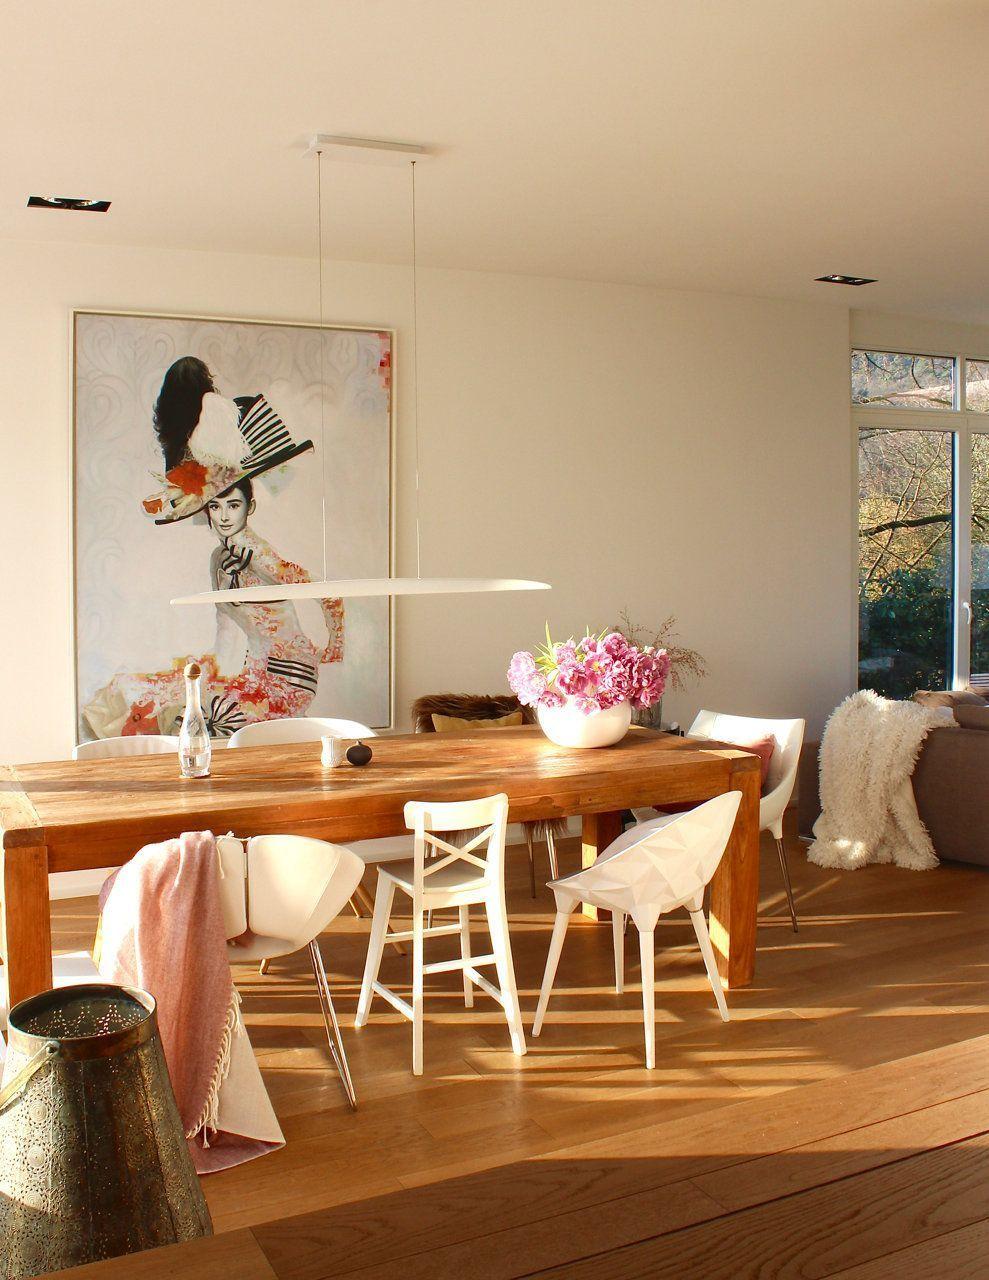 Best Esszimmer Gestaltung 107 Ideen Photos - Interior Design Ideas ...